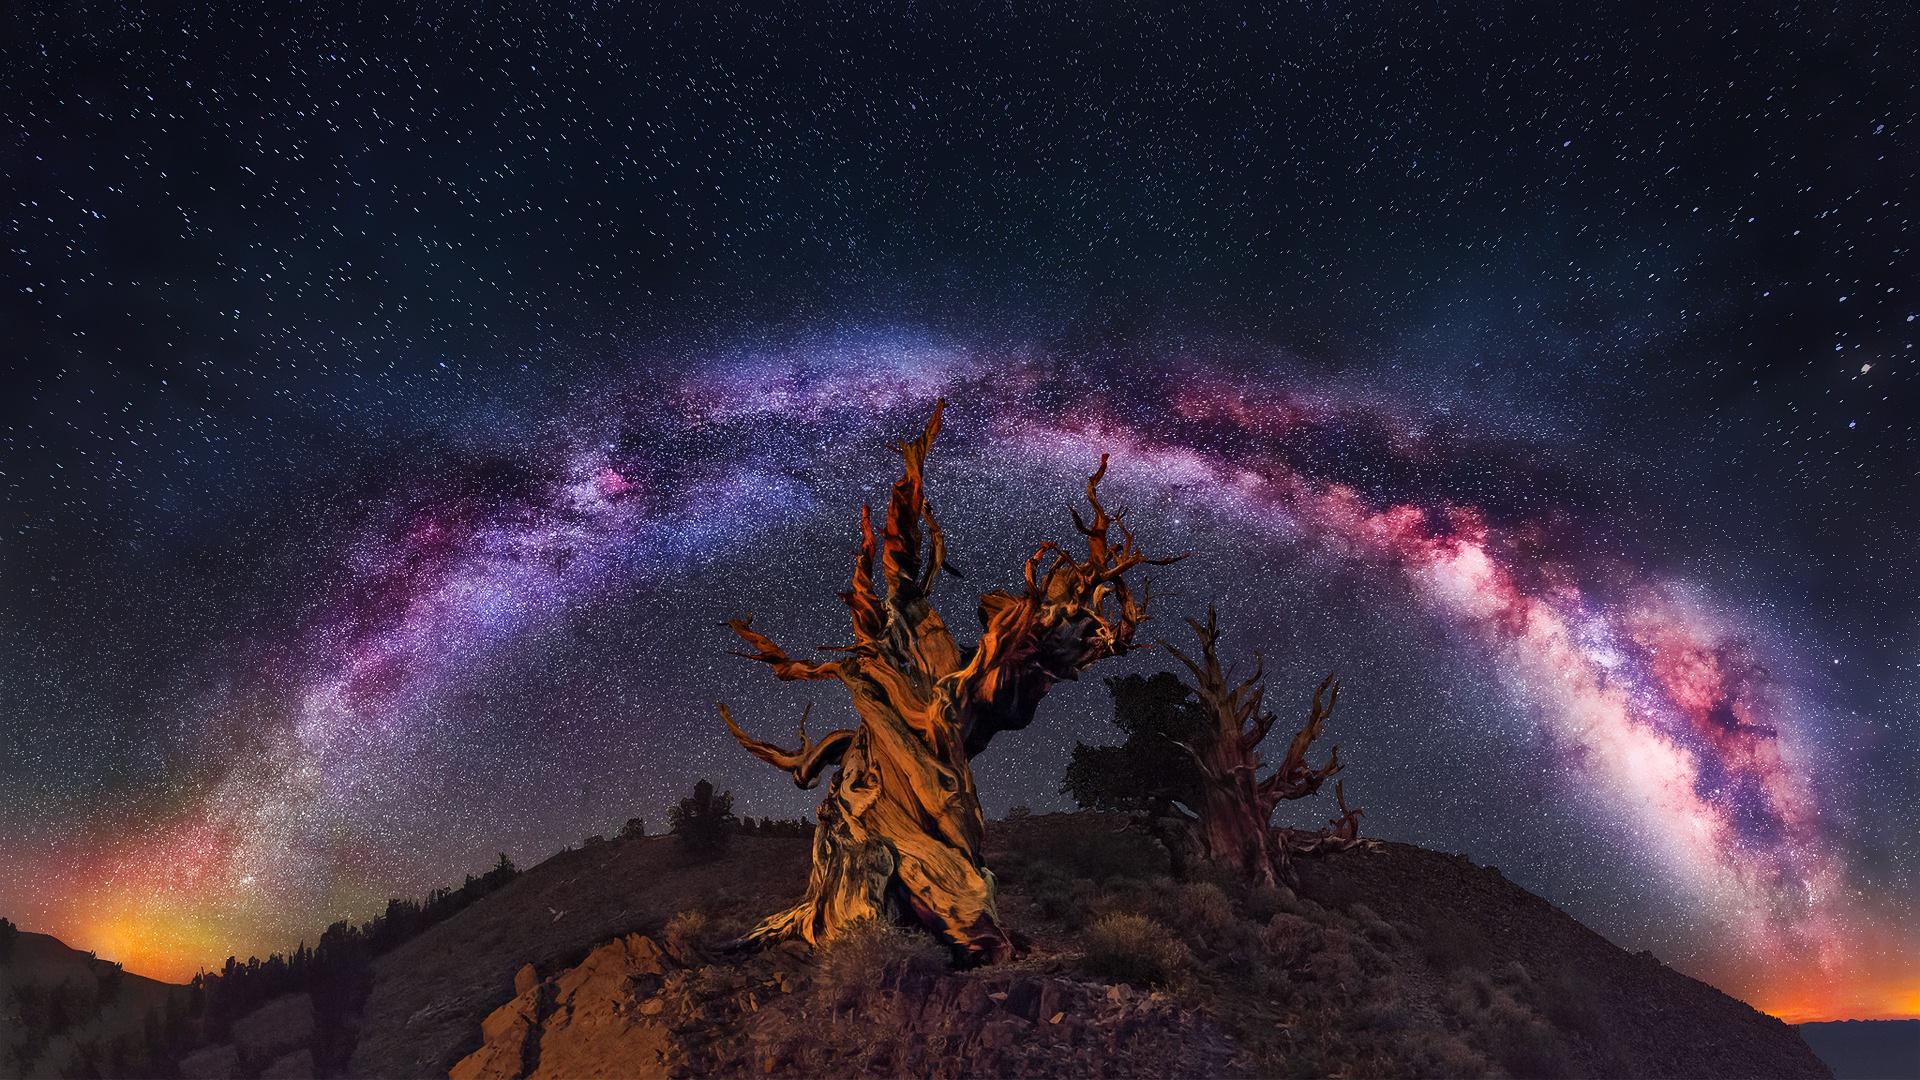 Milky Way Wallpaper 1920x1080 71 Images: Milky Way HD Wallpaper